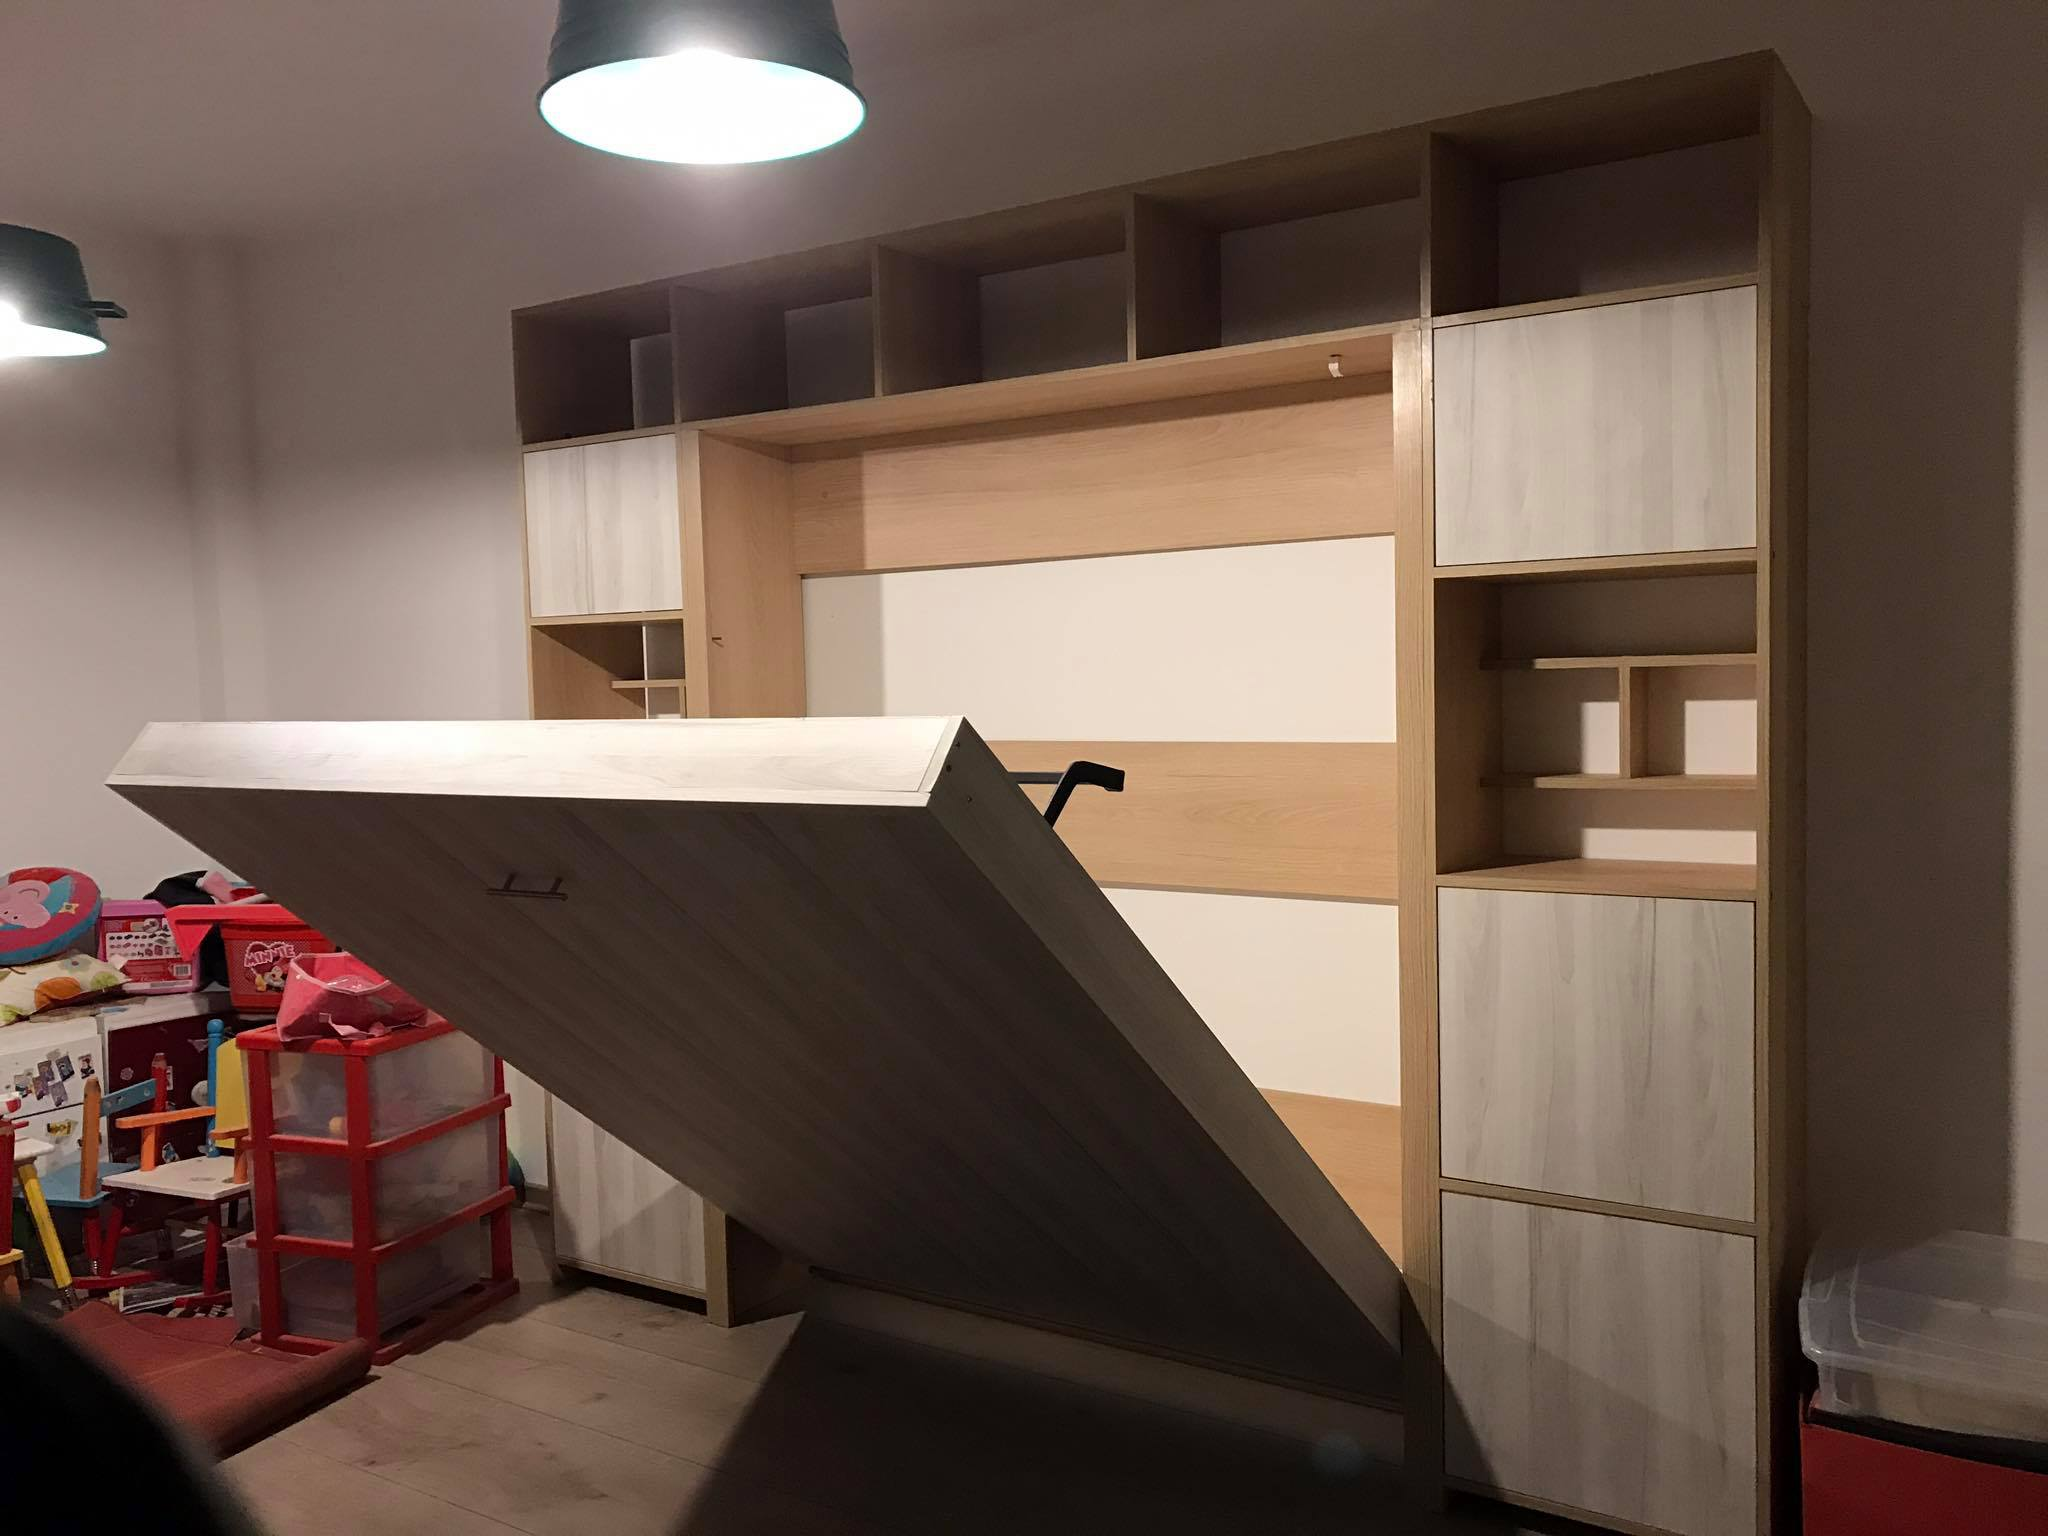 Kamasypetacas_camasplegables_dormitorio (209)